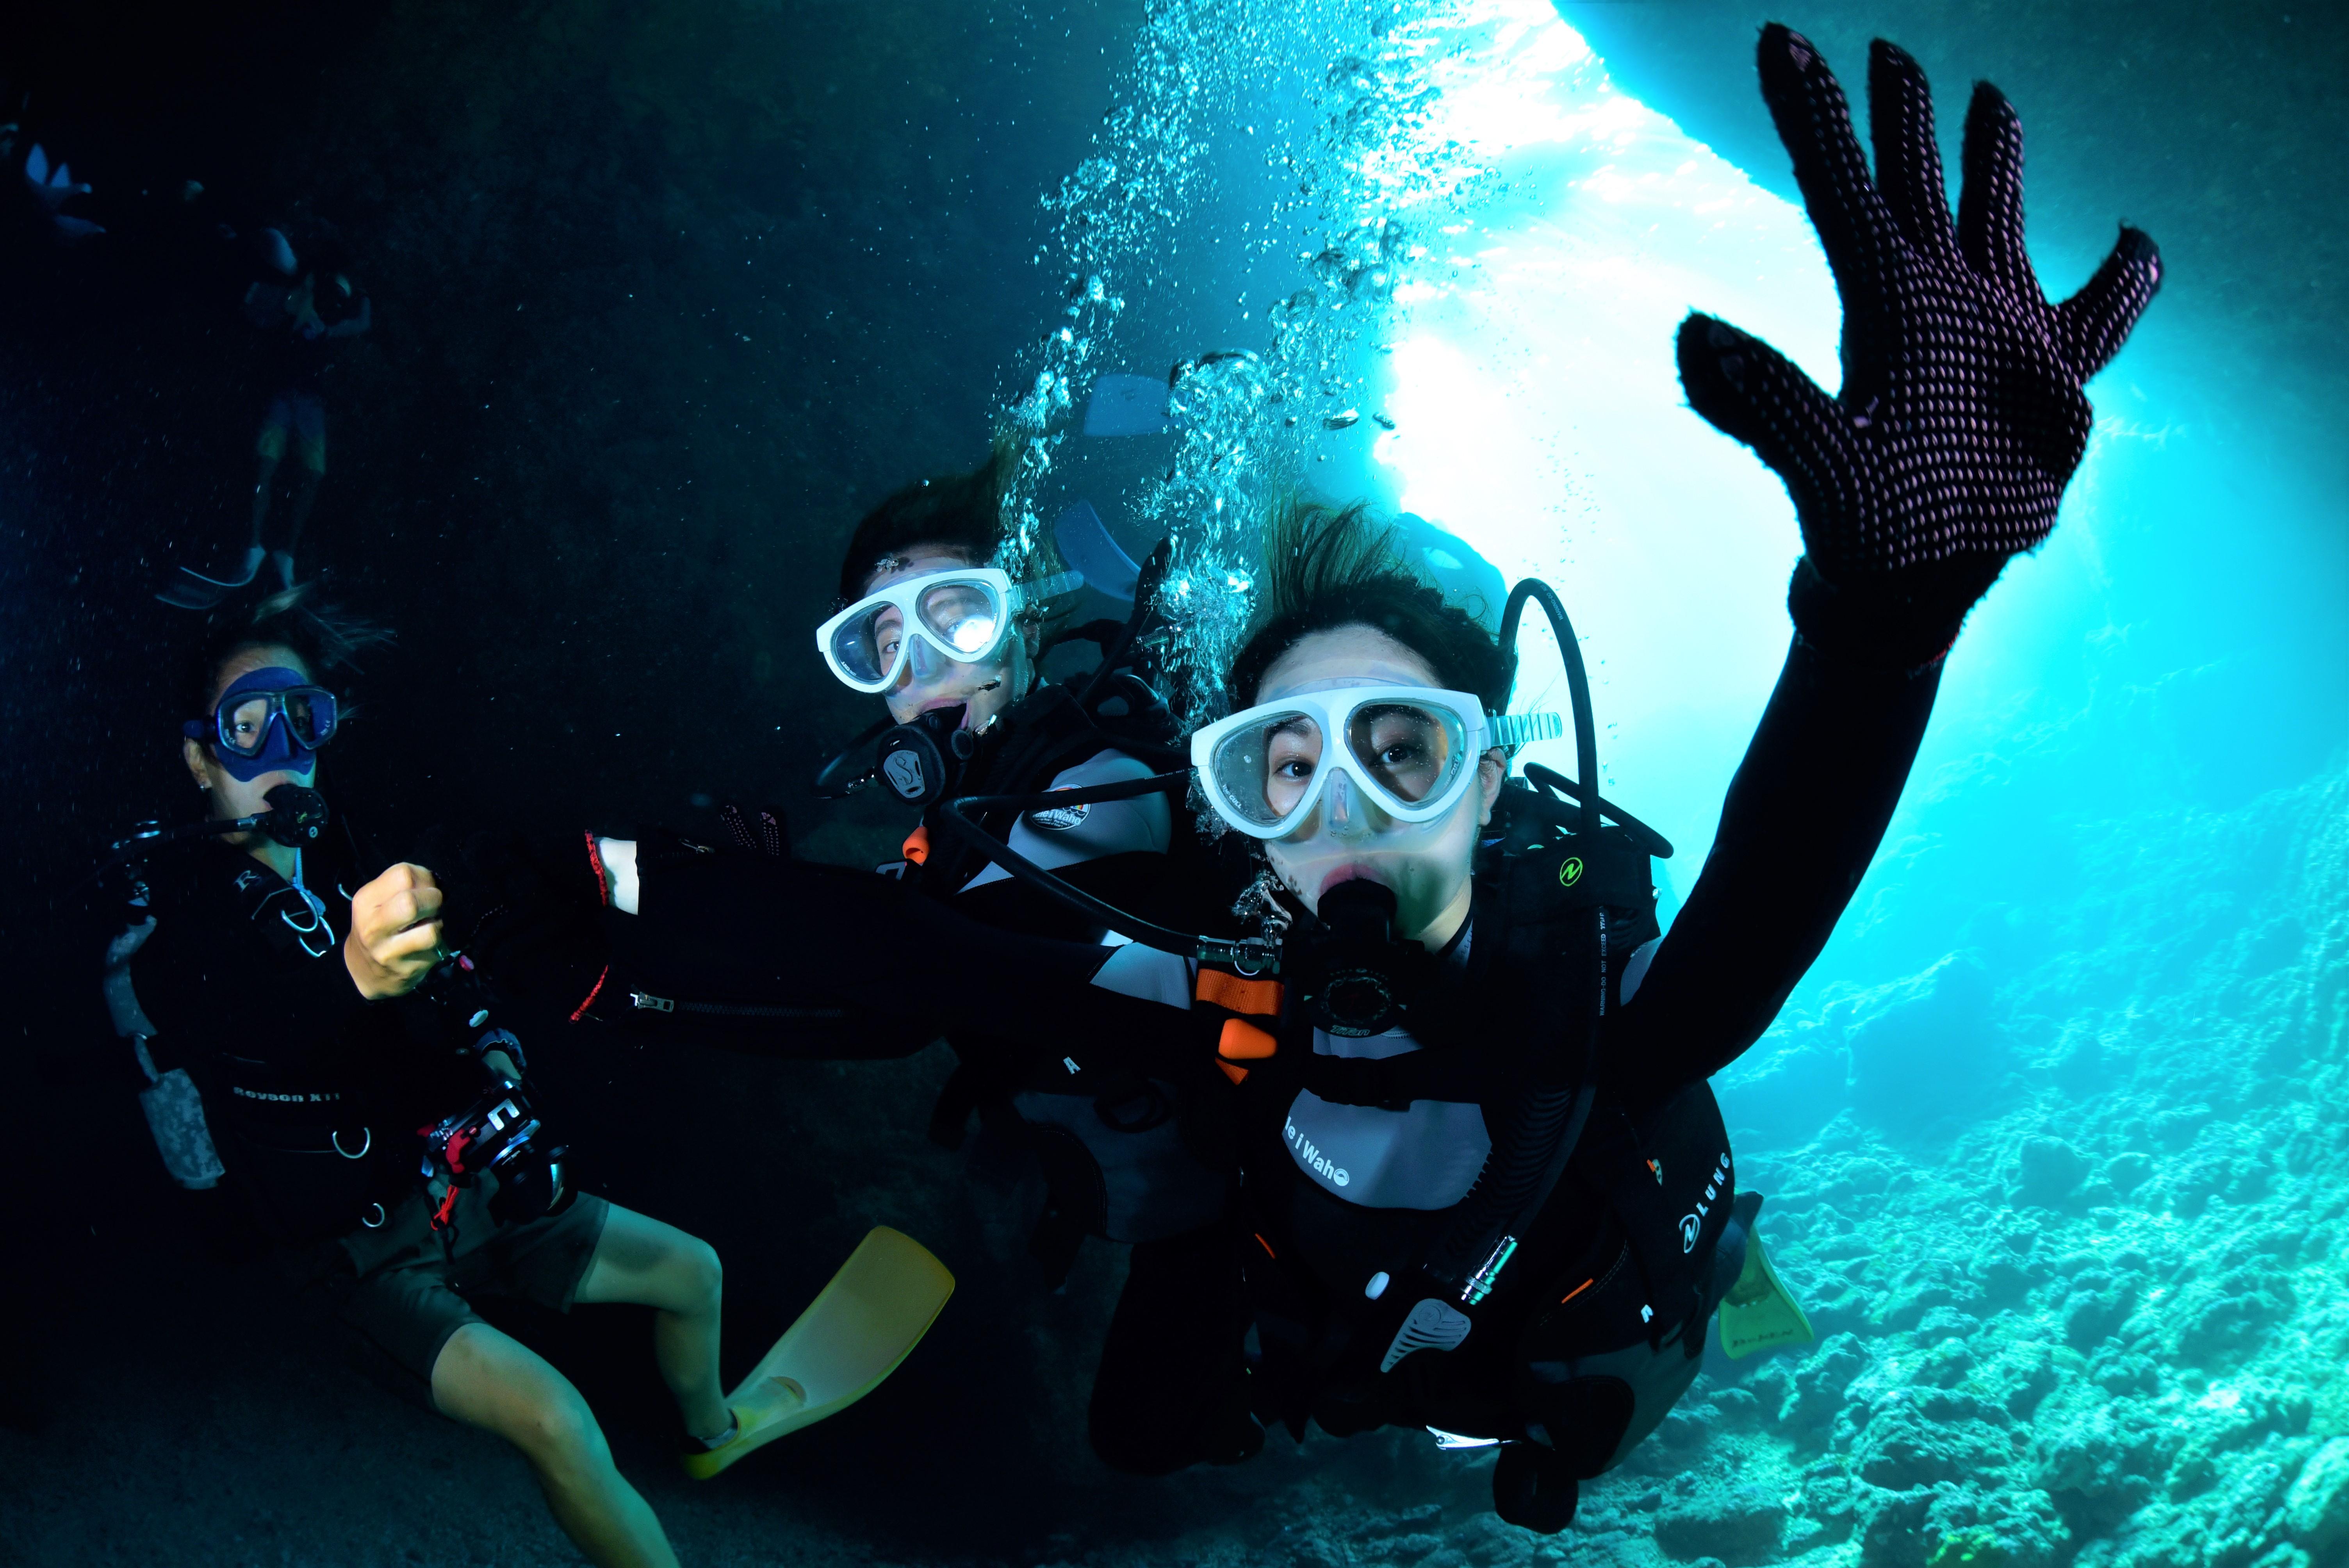 沖縄の青の洞窟で体験ダイビングツアーで友達と写真撮影